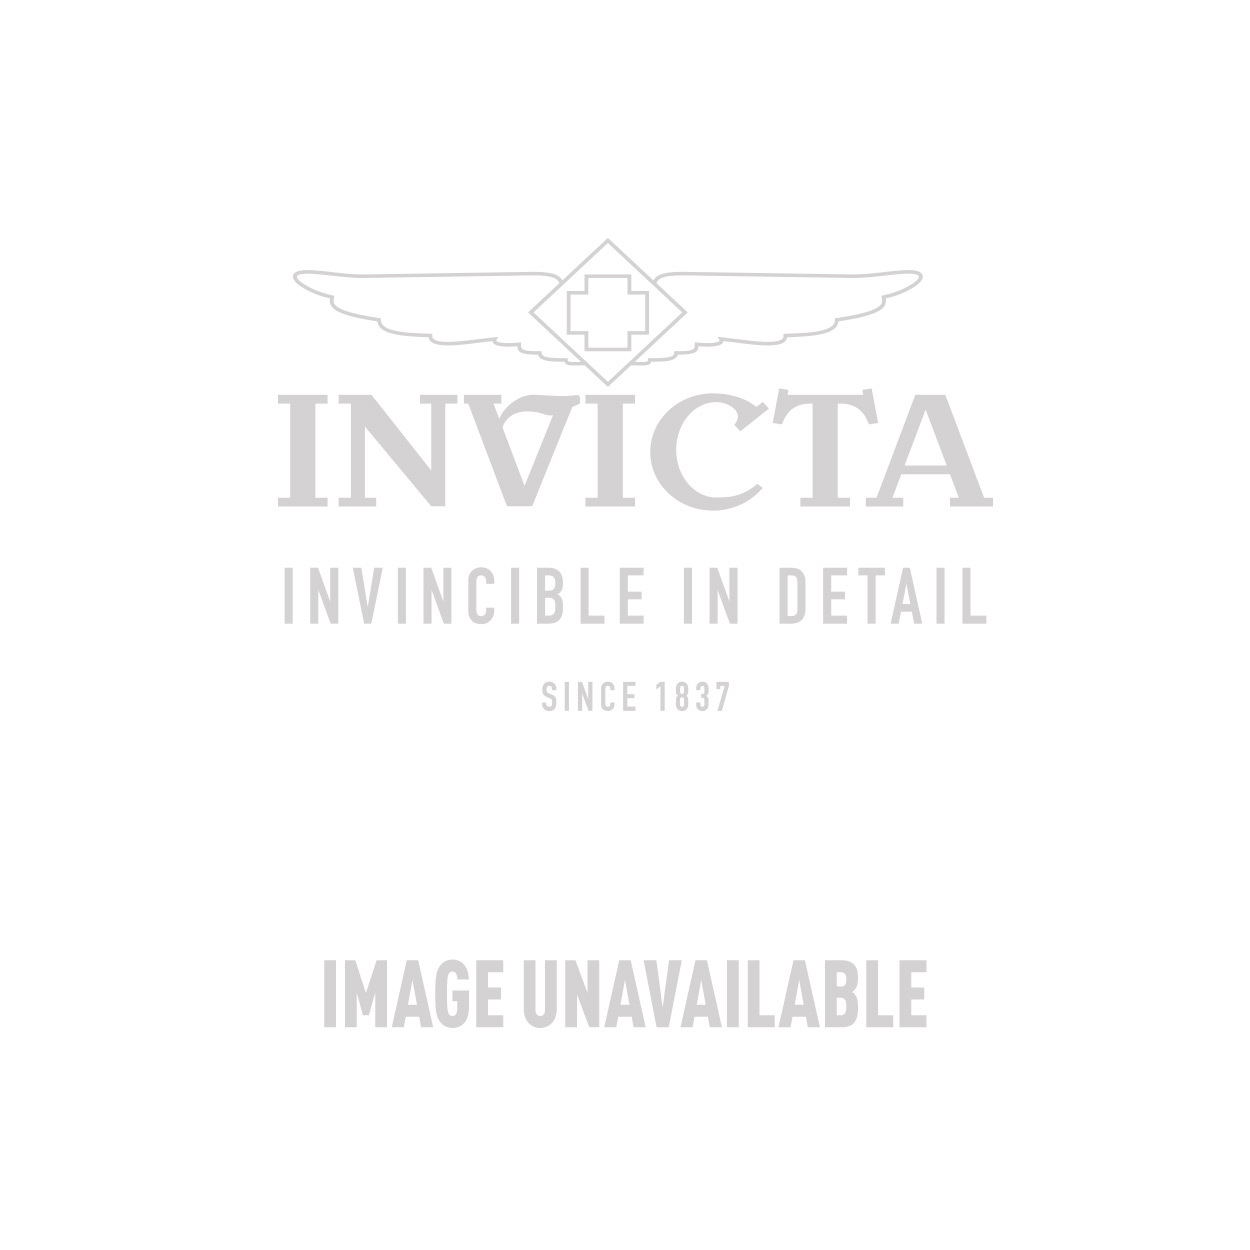 Invicta Model 29614